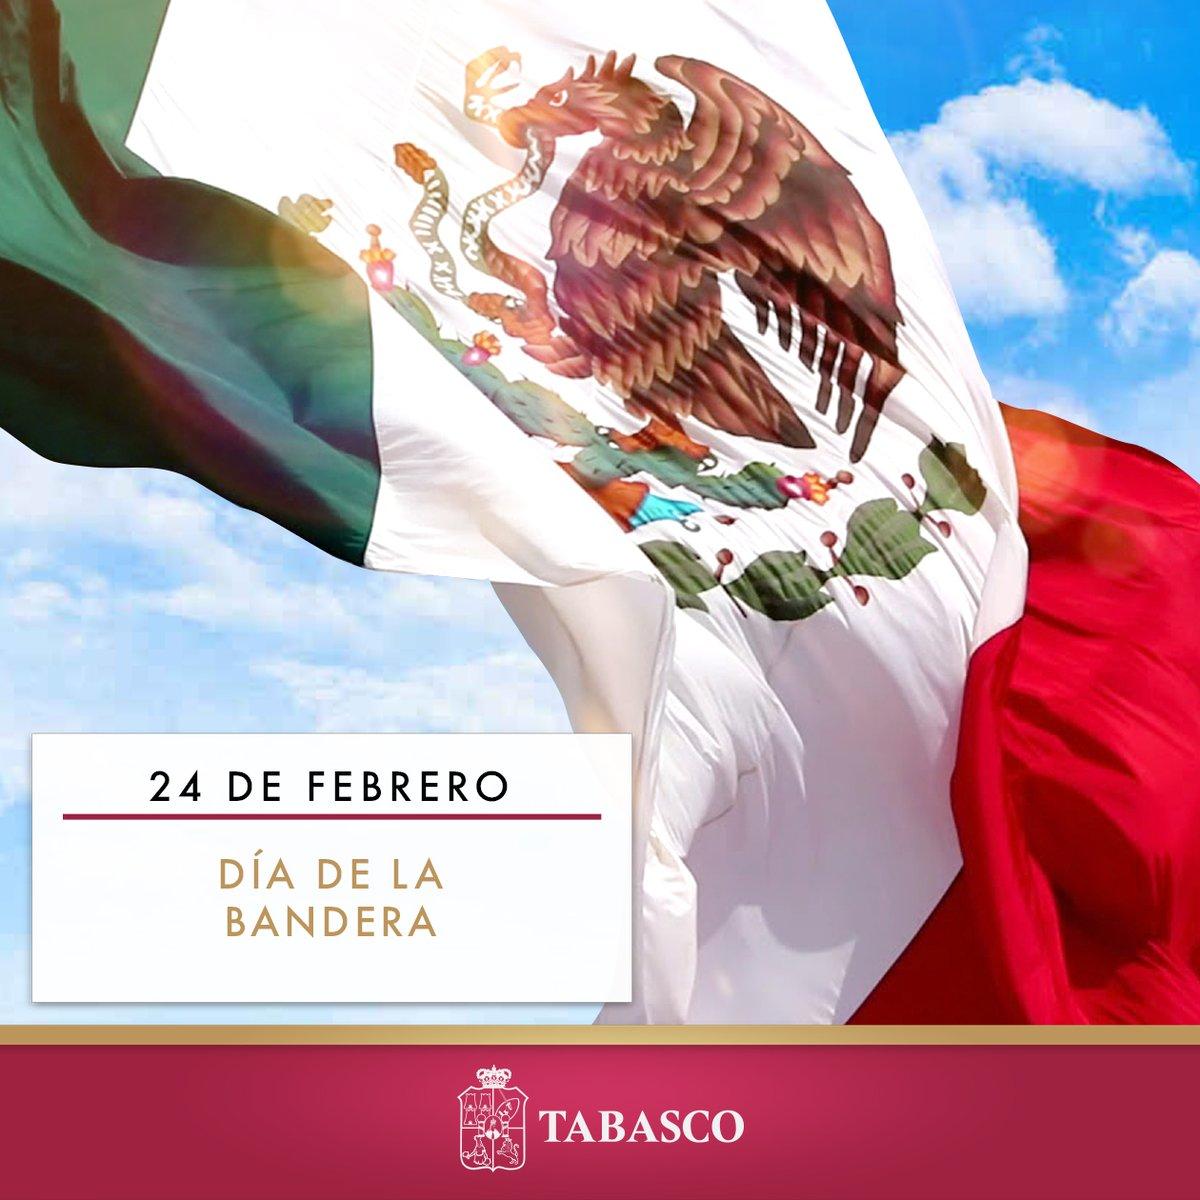 Hoy celebramos el Día de la Bandera Mexicana, sin lugar a dudas, el símbolo patrio más importante de nuestra nación y un referente de independencia, justicia e identidad entre los mexicanos https://t.co/byJRyTQciI